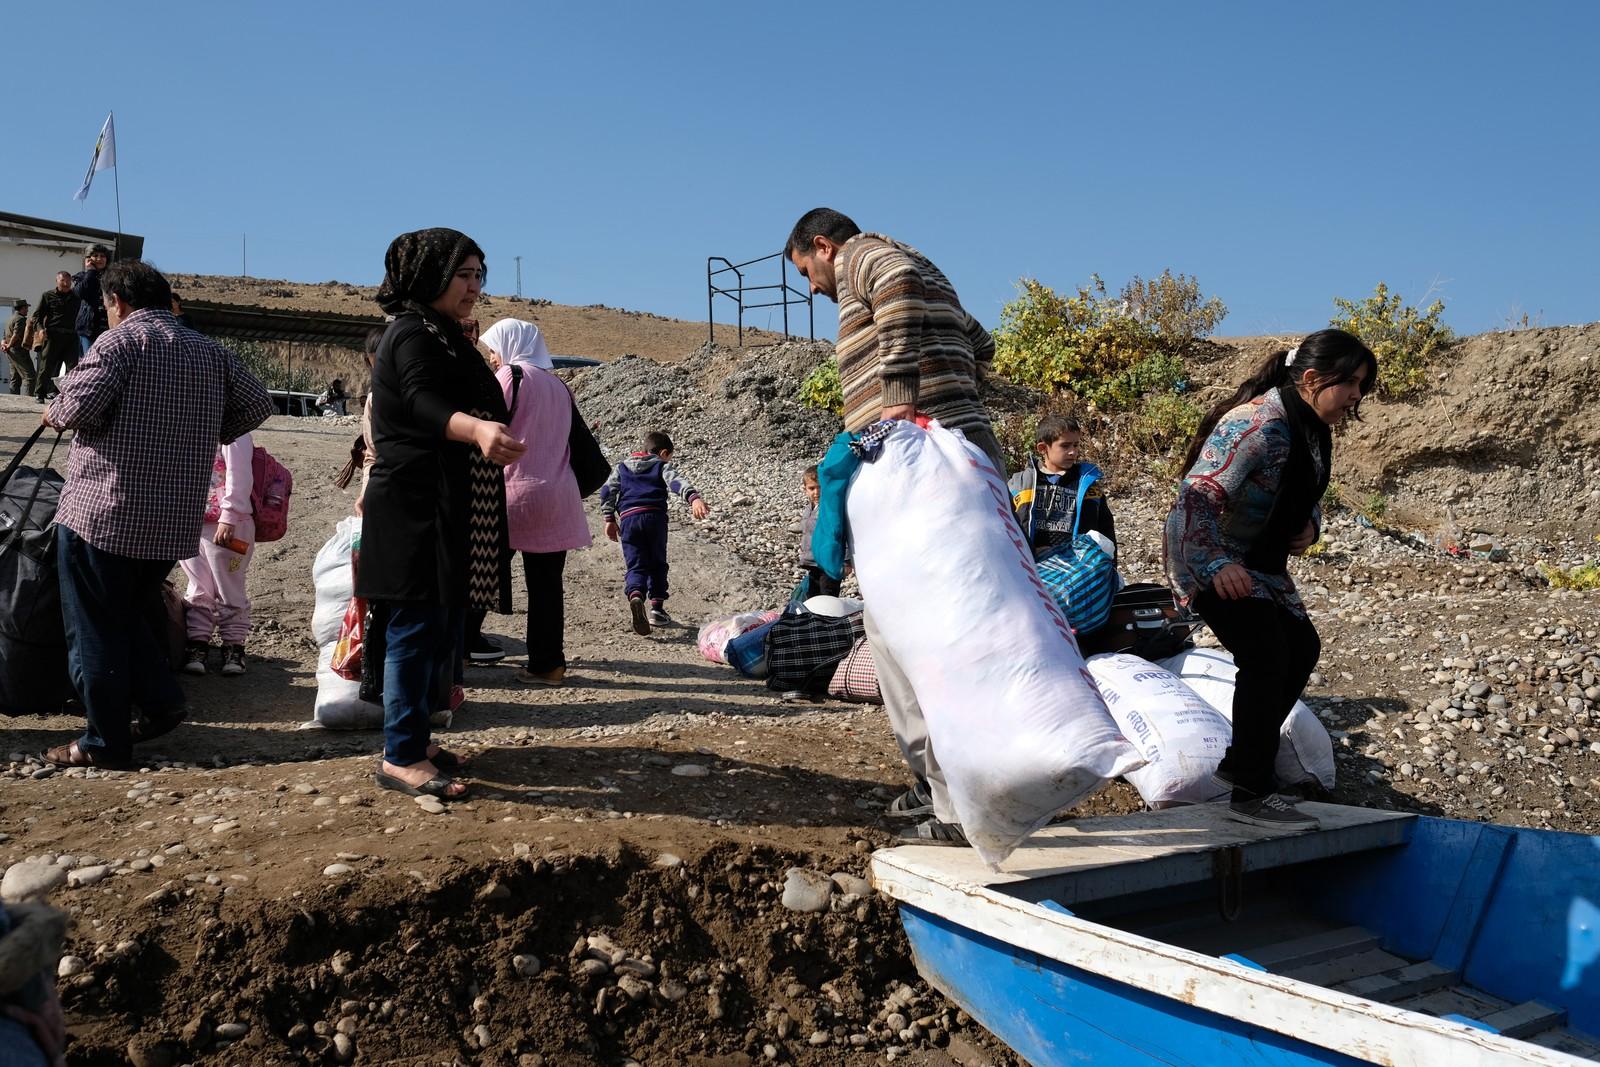 Mange varer er enklere å få tak i Irak enn i Syria, derfor er det mye «harryhandel» over landegrensa.